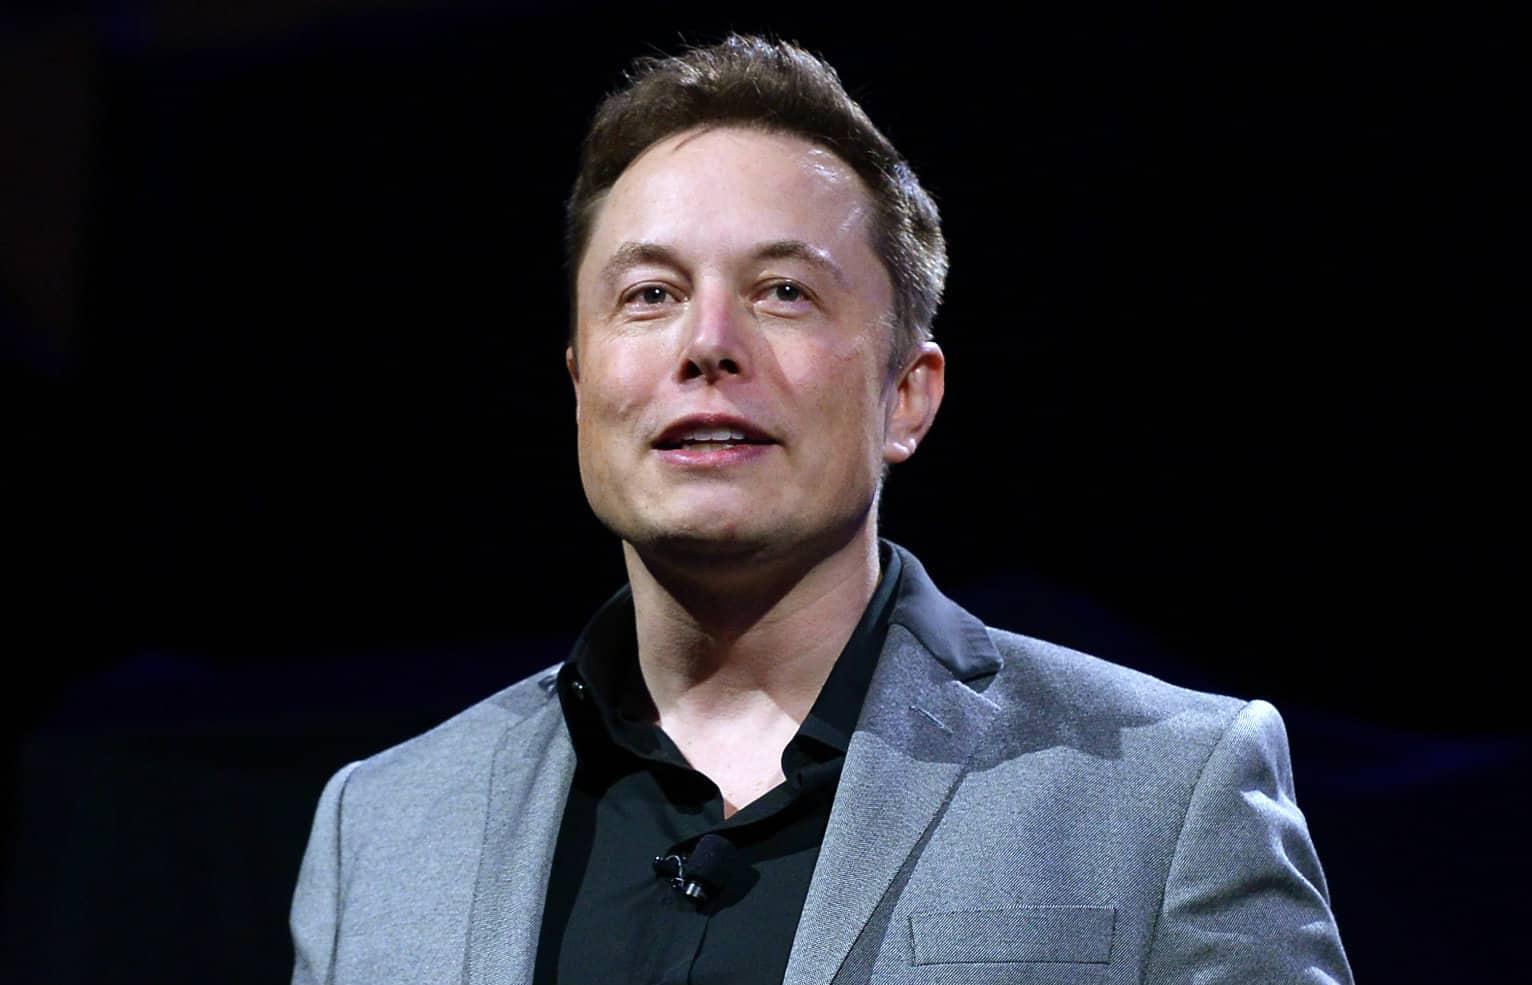 Elon Musk ຫລຸດເສດຖີອັນດັບ 1 ຂອງໂລກ ຫລັງຫຸ້ນ Tesla ຕົກ - 180515 10thingselonmusk editorial - Elon Musk ຫລຸດເສດຖີອັນດັບ 1 ຂອງໂລກ ຫລັງຫຸ້ນ Tesla ຕົກ